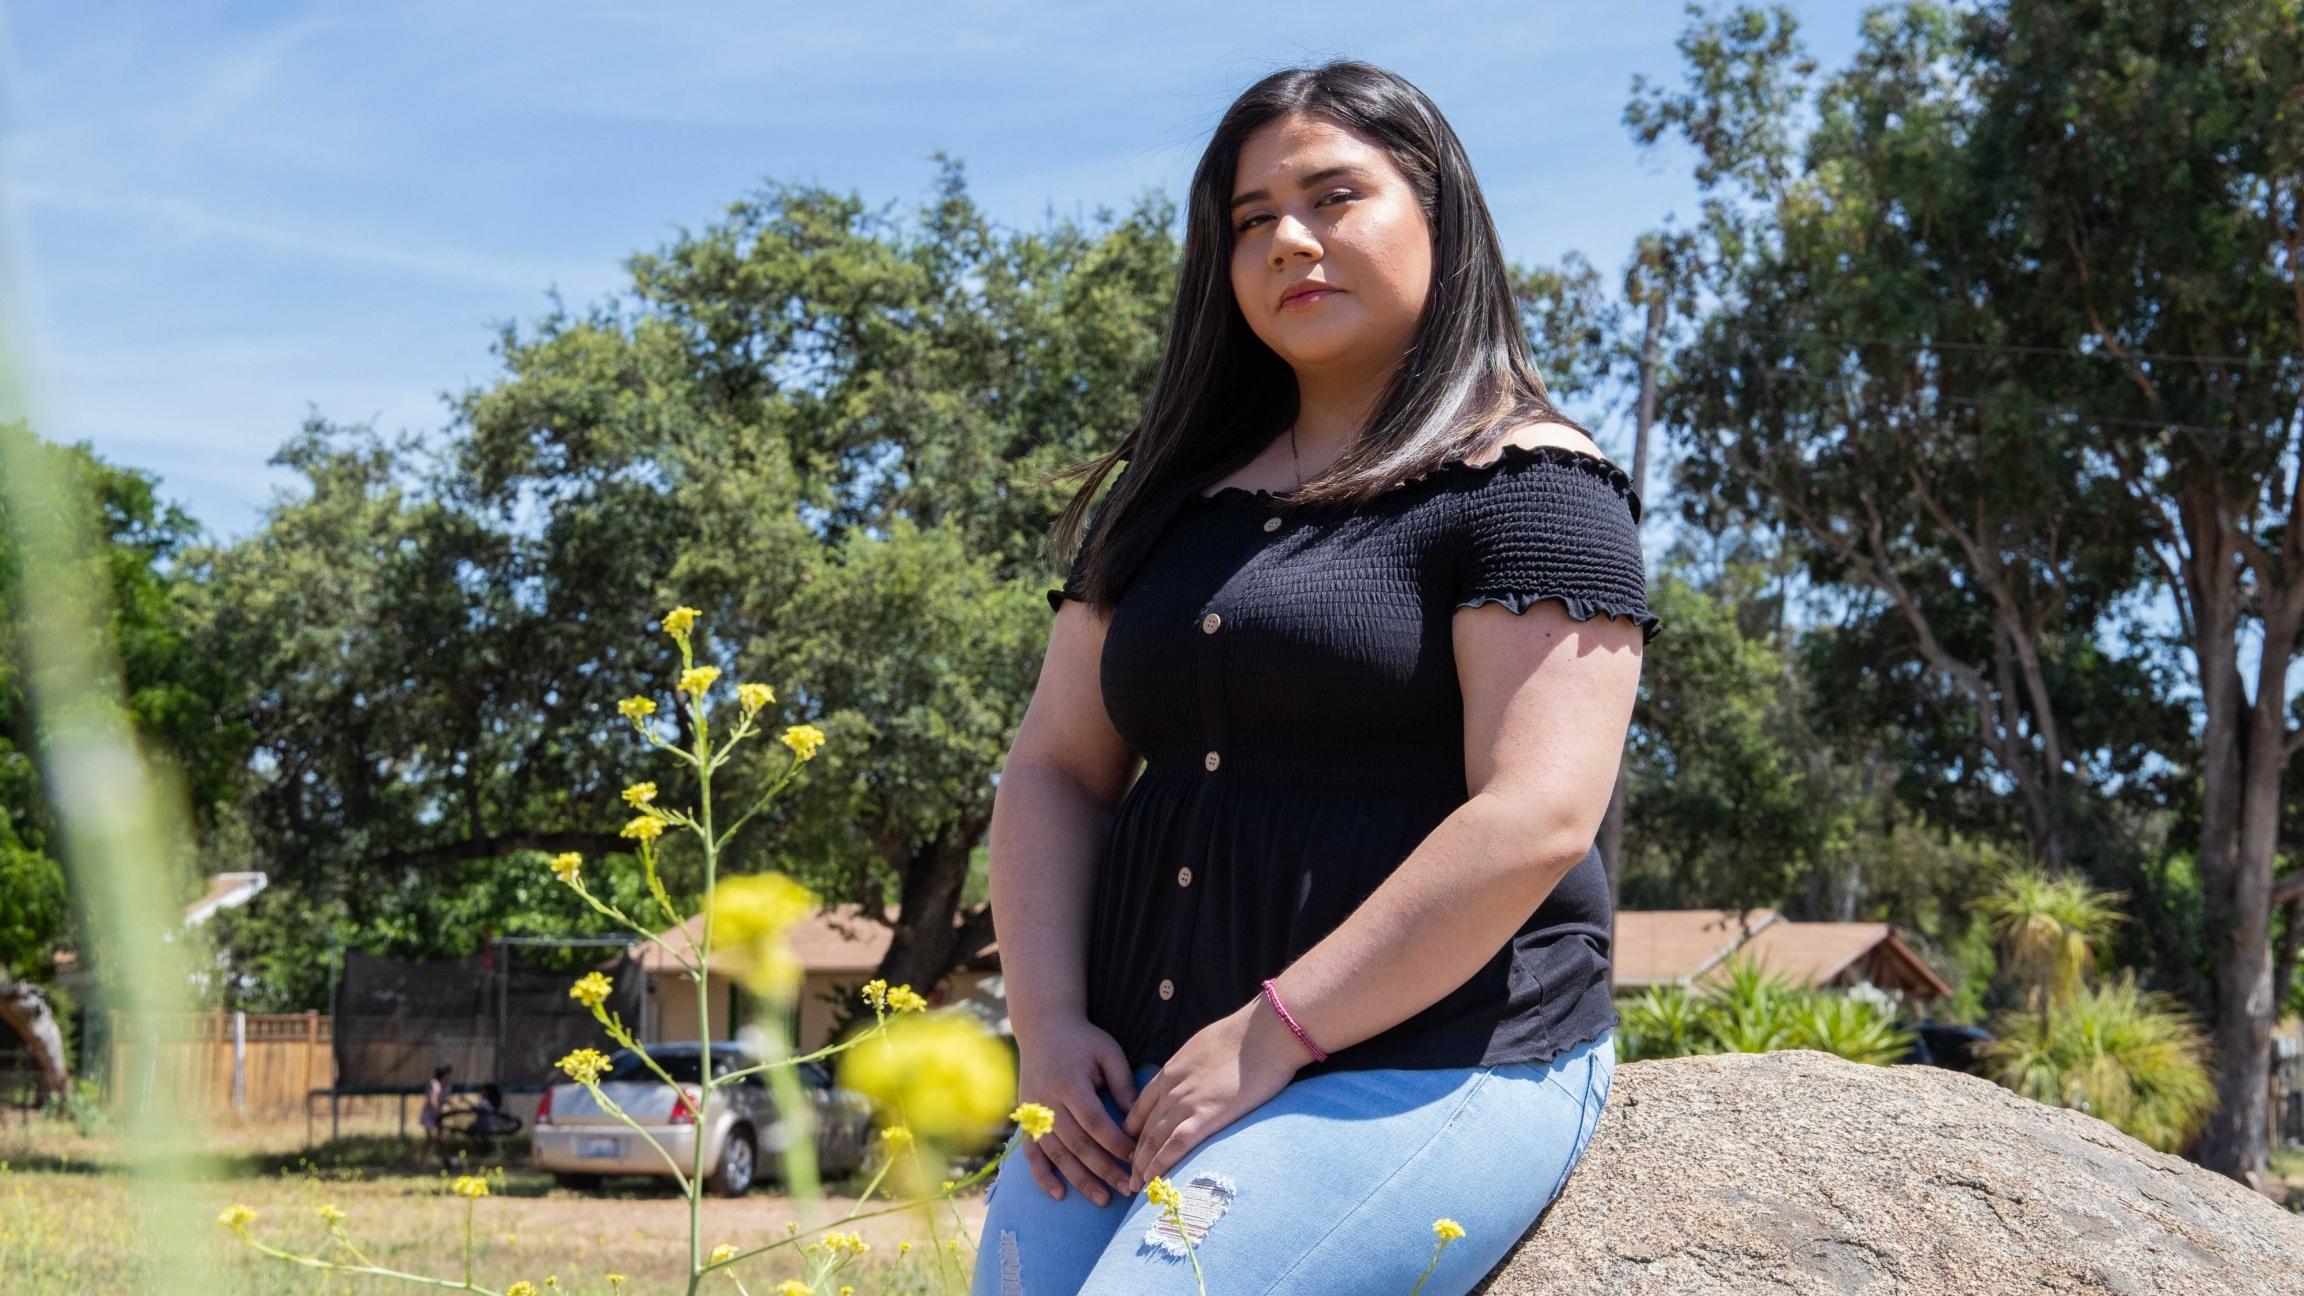 Una joven en camisa negra y jeans esta sentada en una piedra grande mientras posa para una foto.